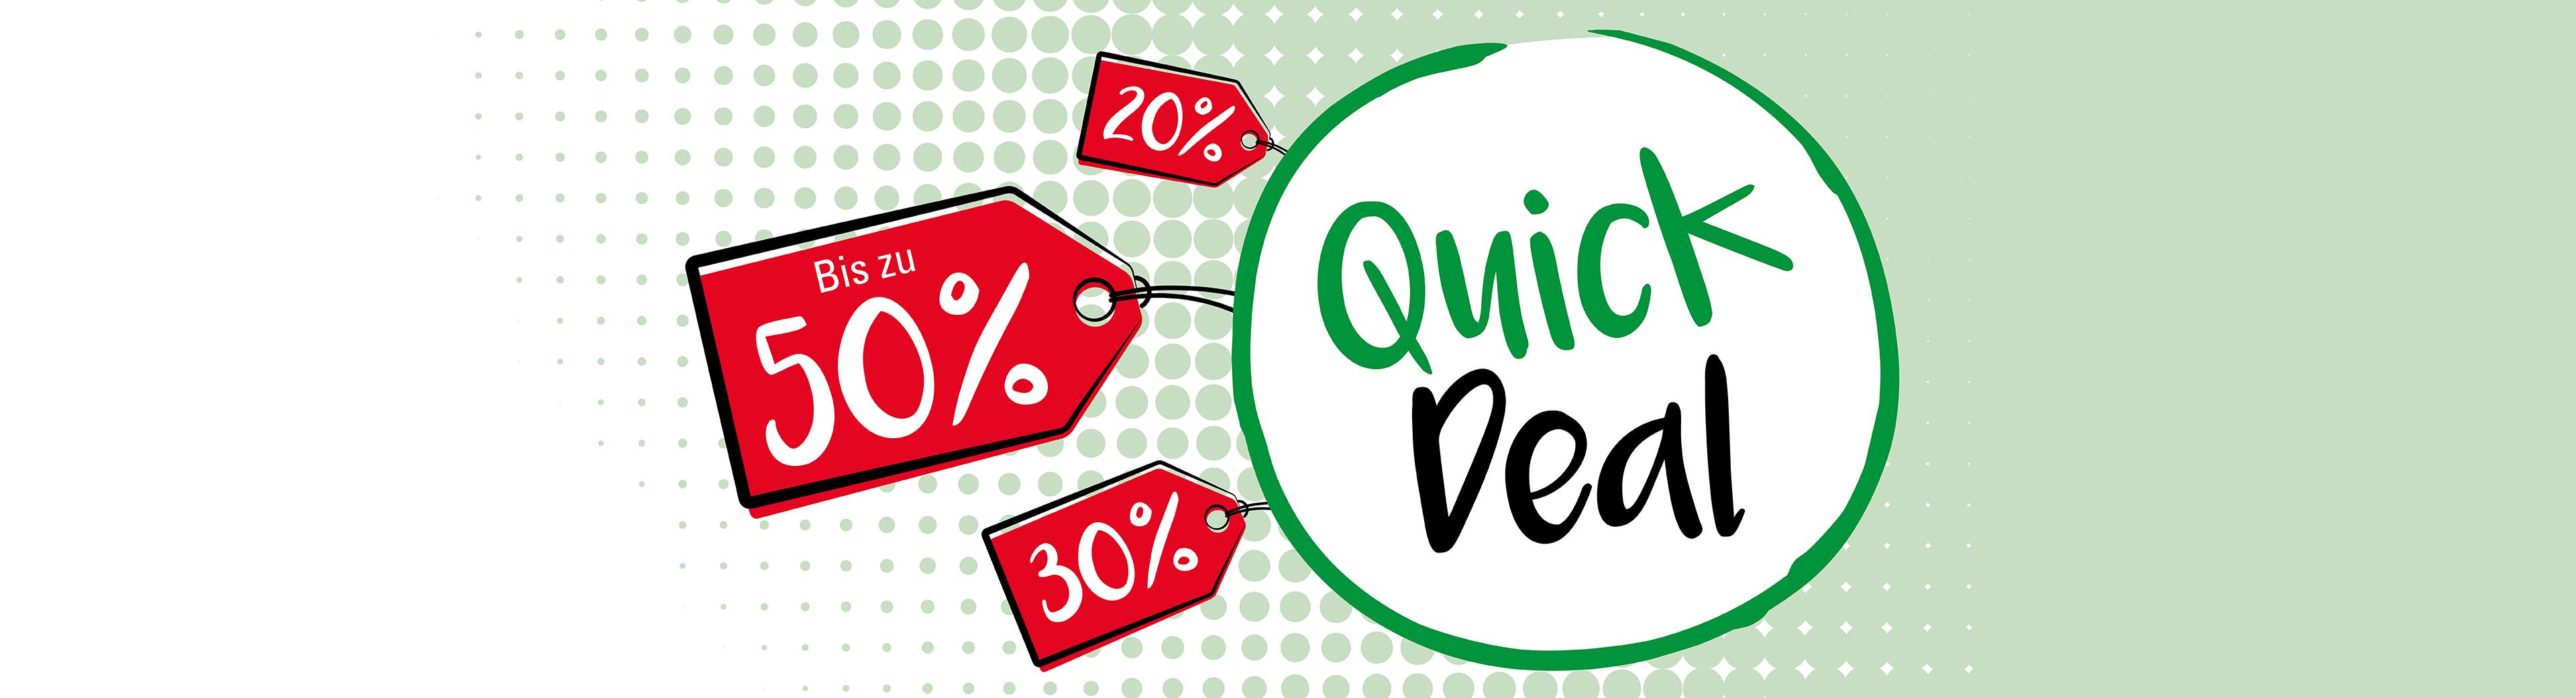 QS_Quick_Deal_FS2021_2_Banner_3840x1040